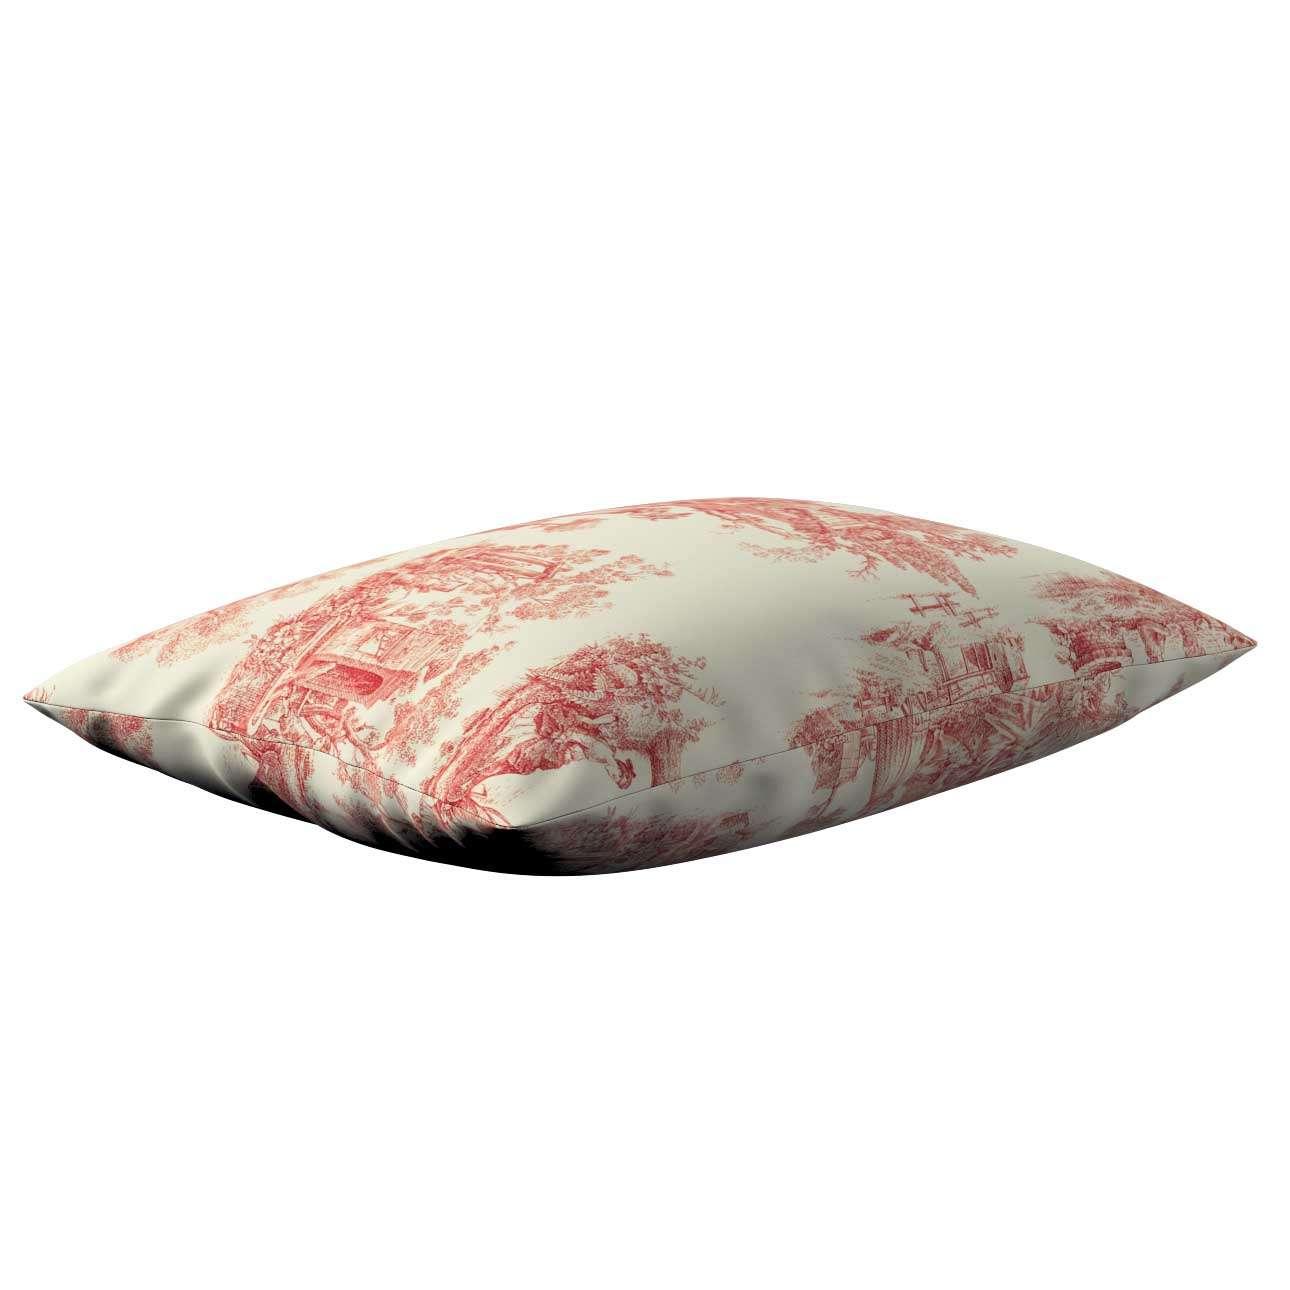 Poszewka Kinga na poduszkę prostokątną 60 x 40 cm w kolekcji Avinon, tkanina: 132-15